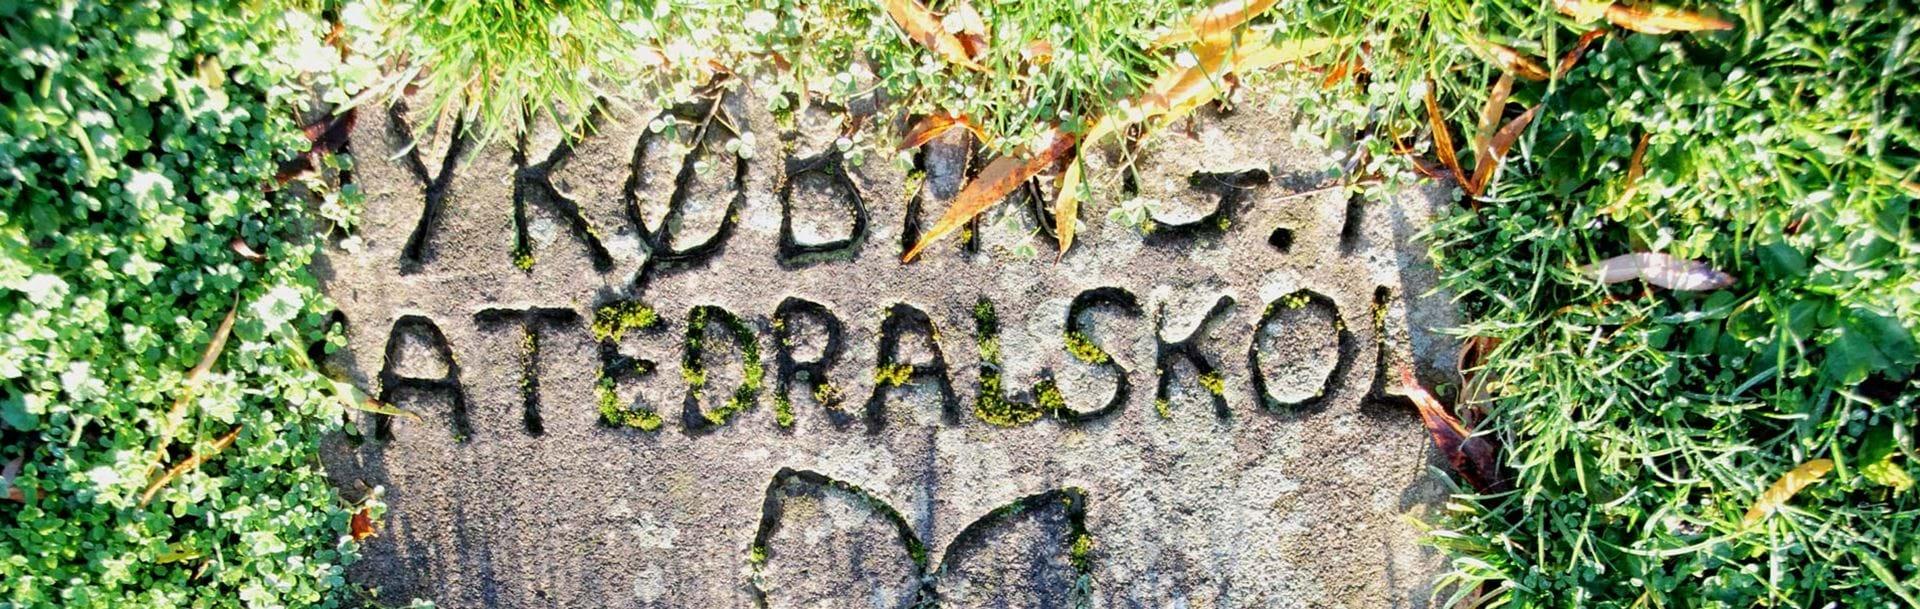 Sten i græsplæne med Nykøbing Katedralskole 500 år graveret i